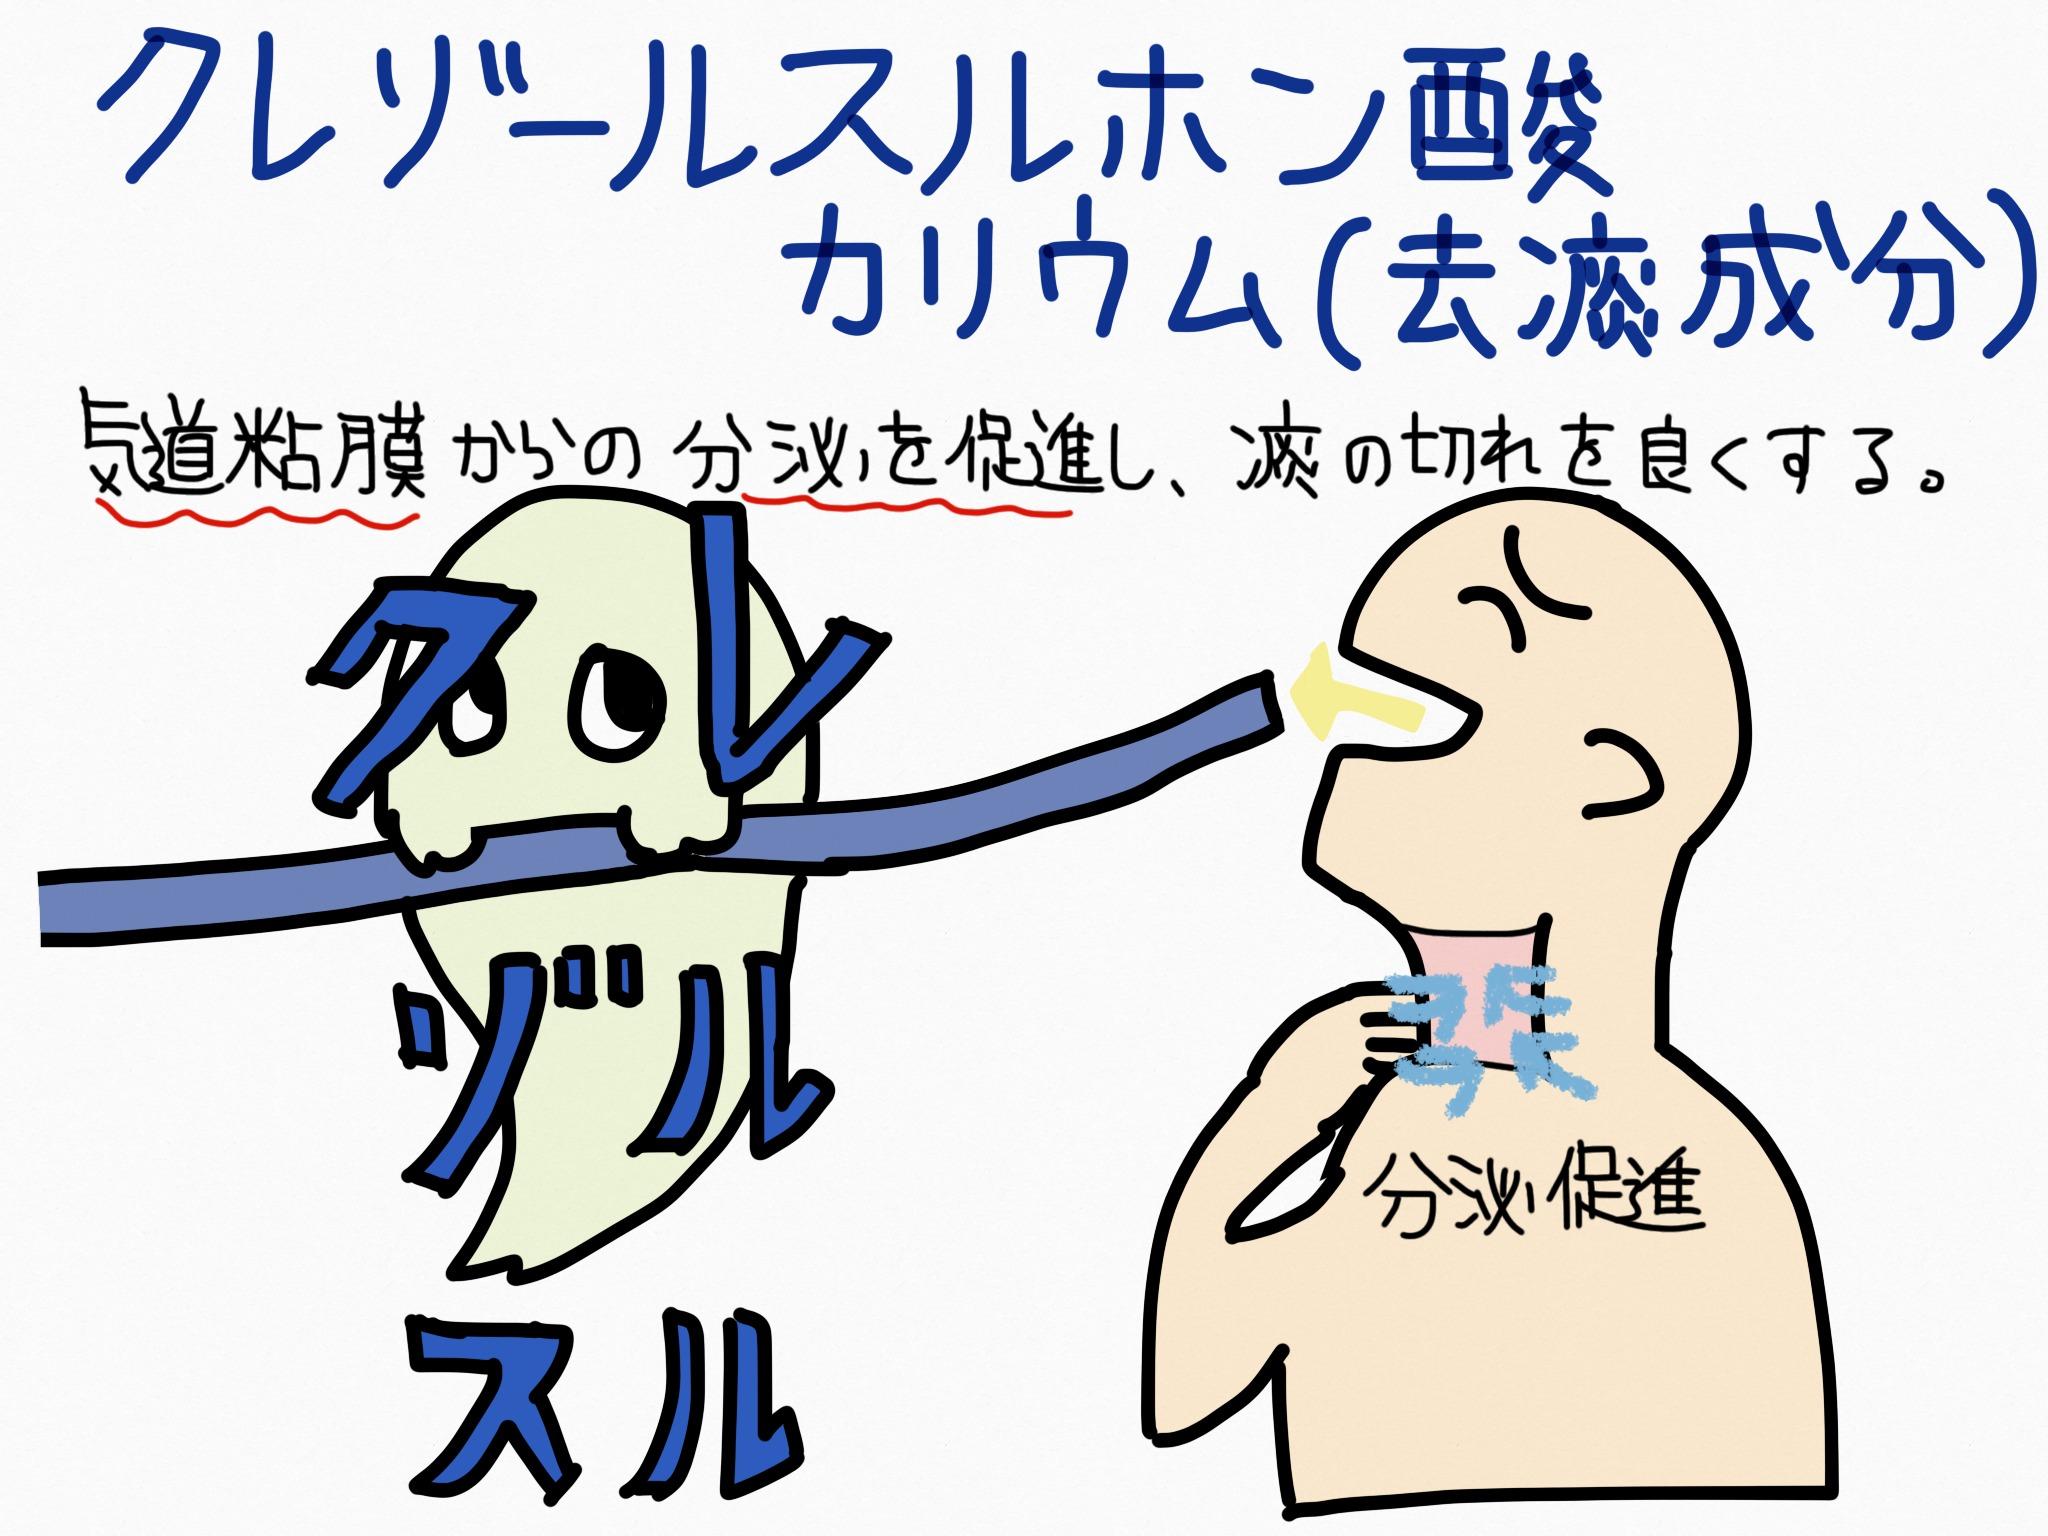 クレゾールスルホン酸カリウム・去痰成分の覚え方